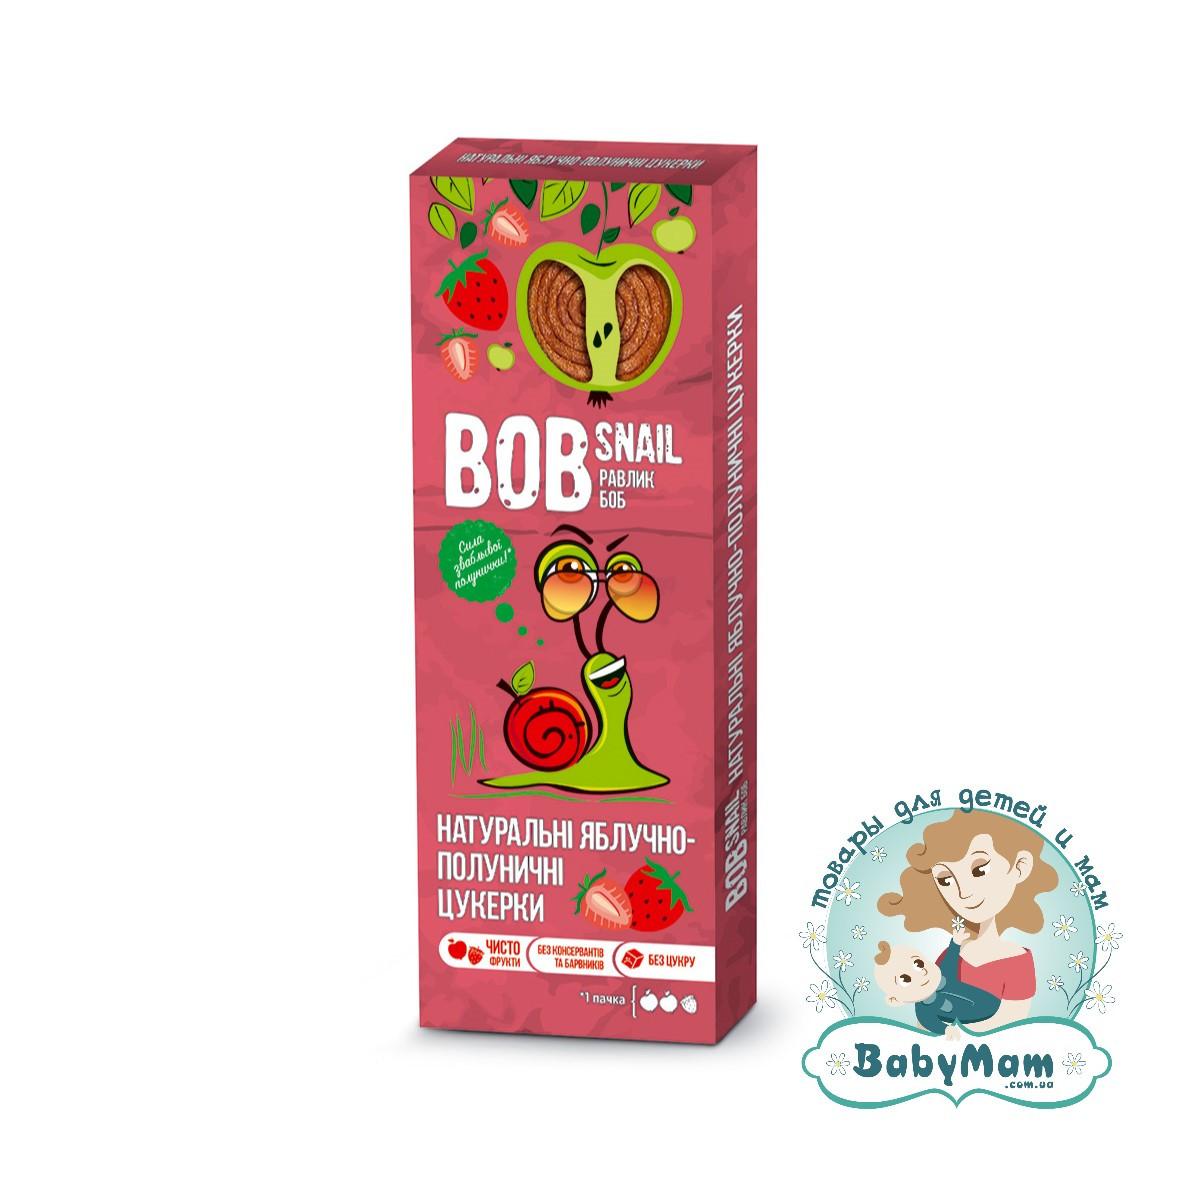 Конфеты натуральные Bob Snail (Равлик Боб) Яблочно-Клубничные, 30гр